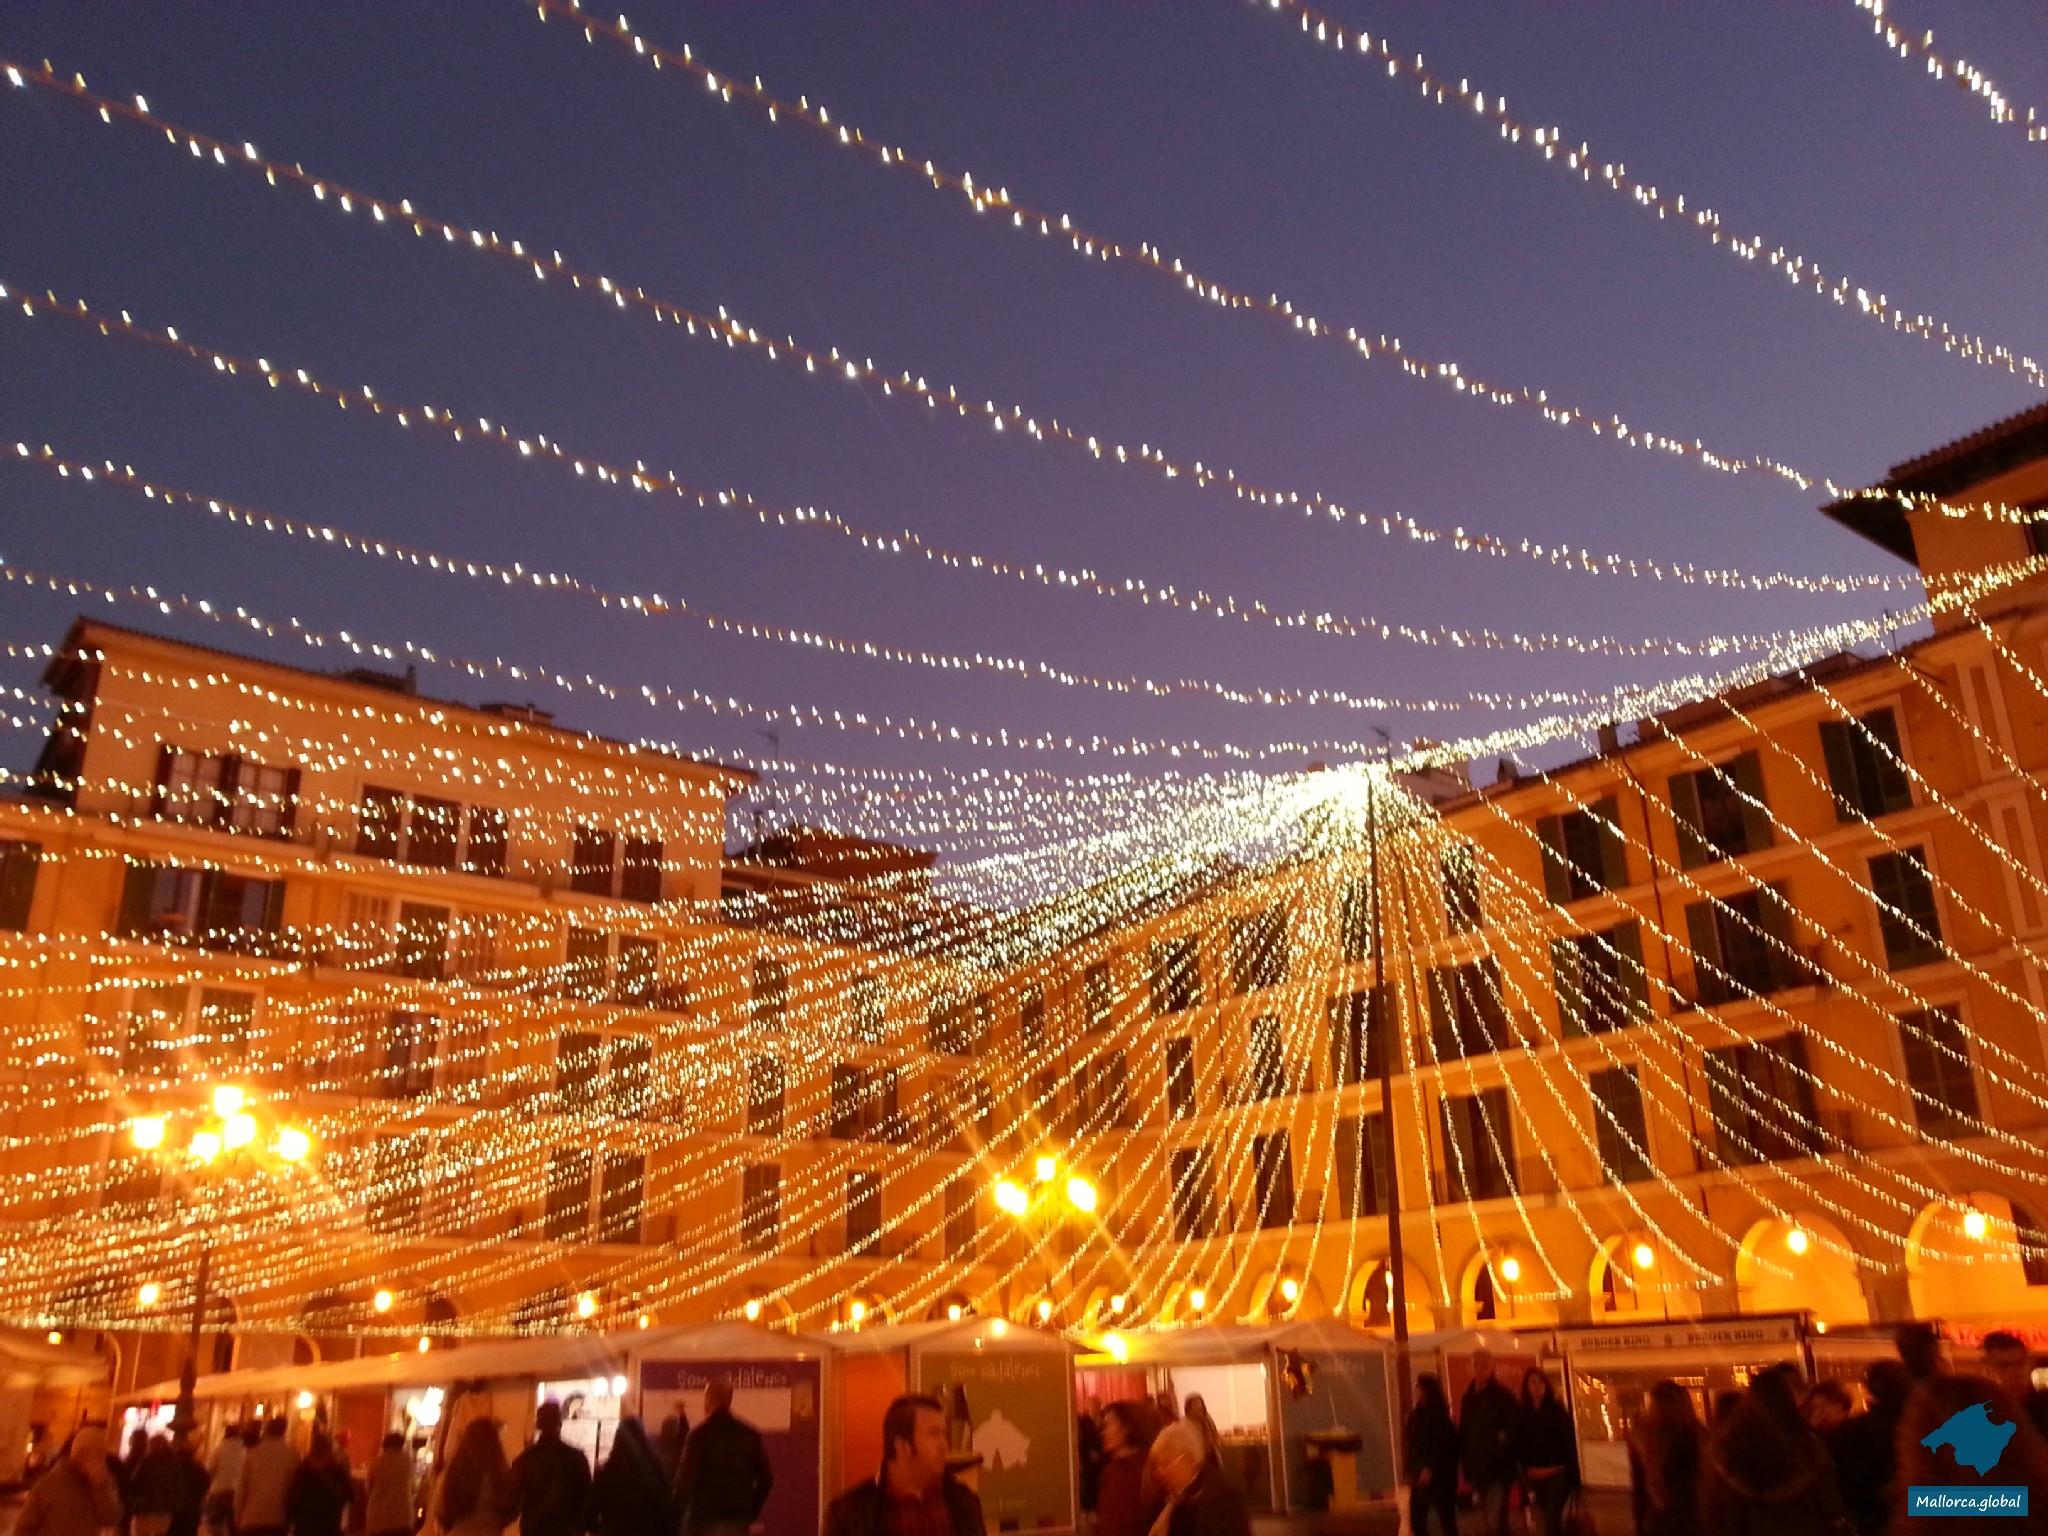 Weihnachtsmarkt Placa de Espana